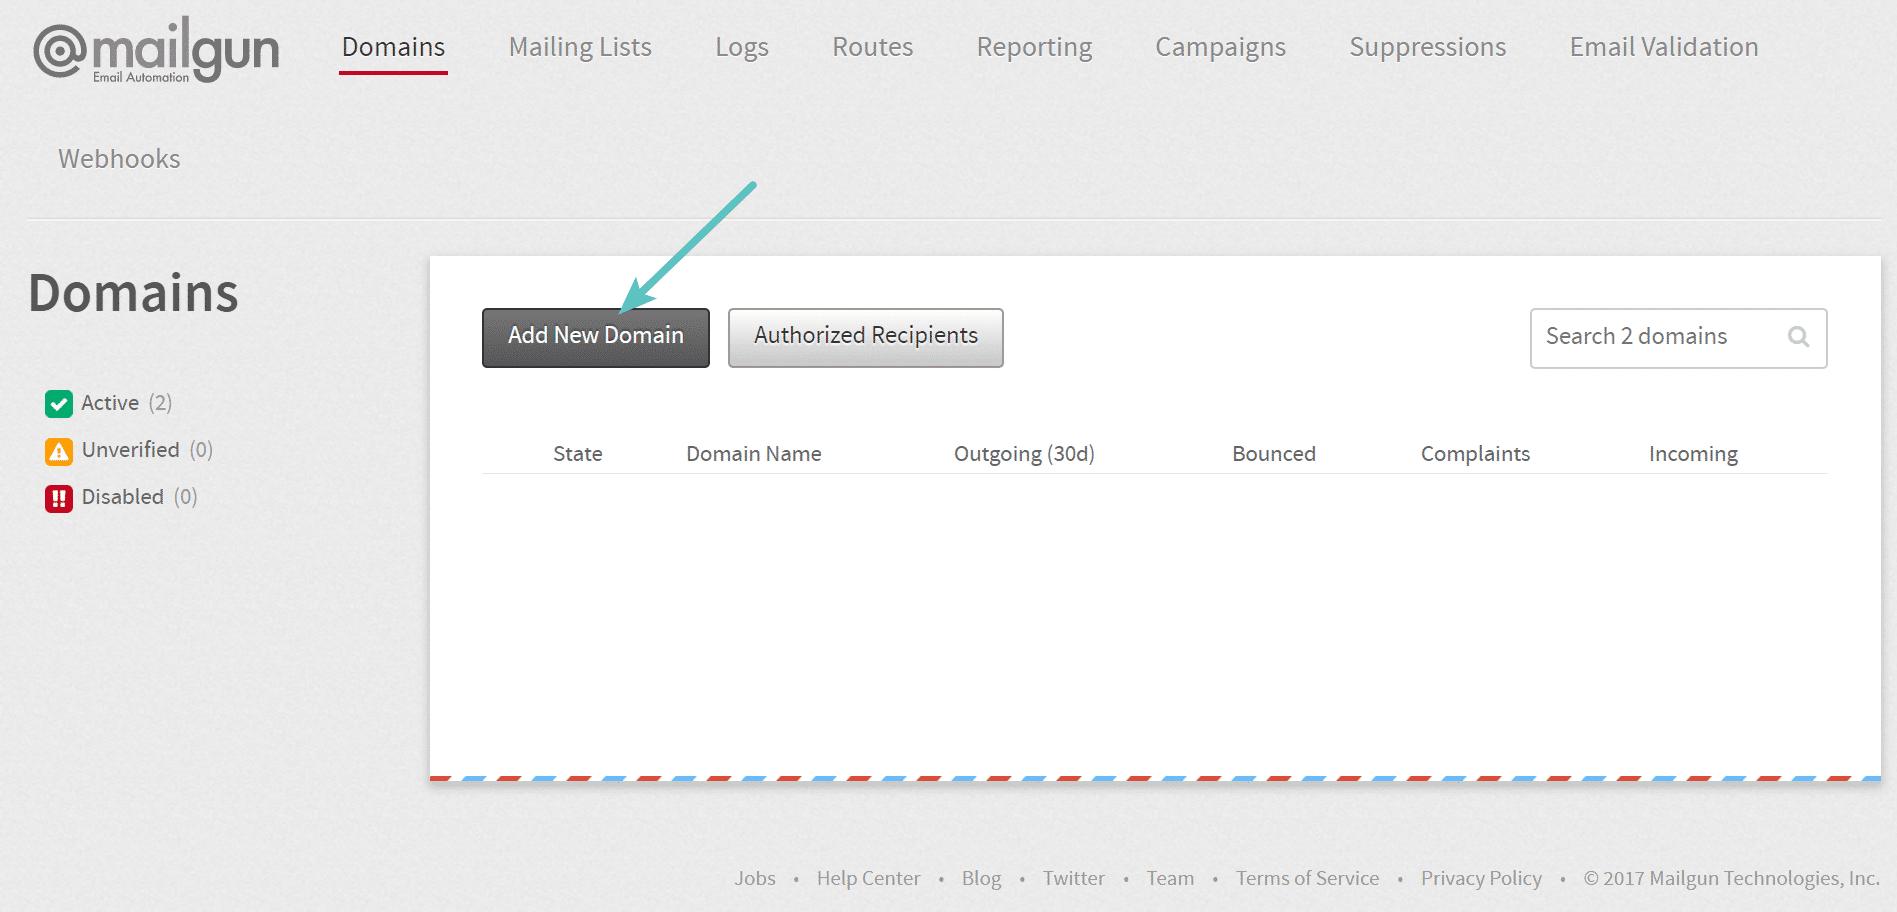 Aggiungere un nuovo dominio in Mailgun